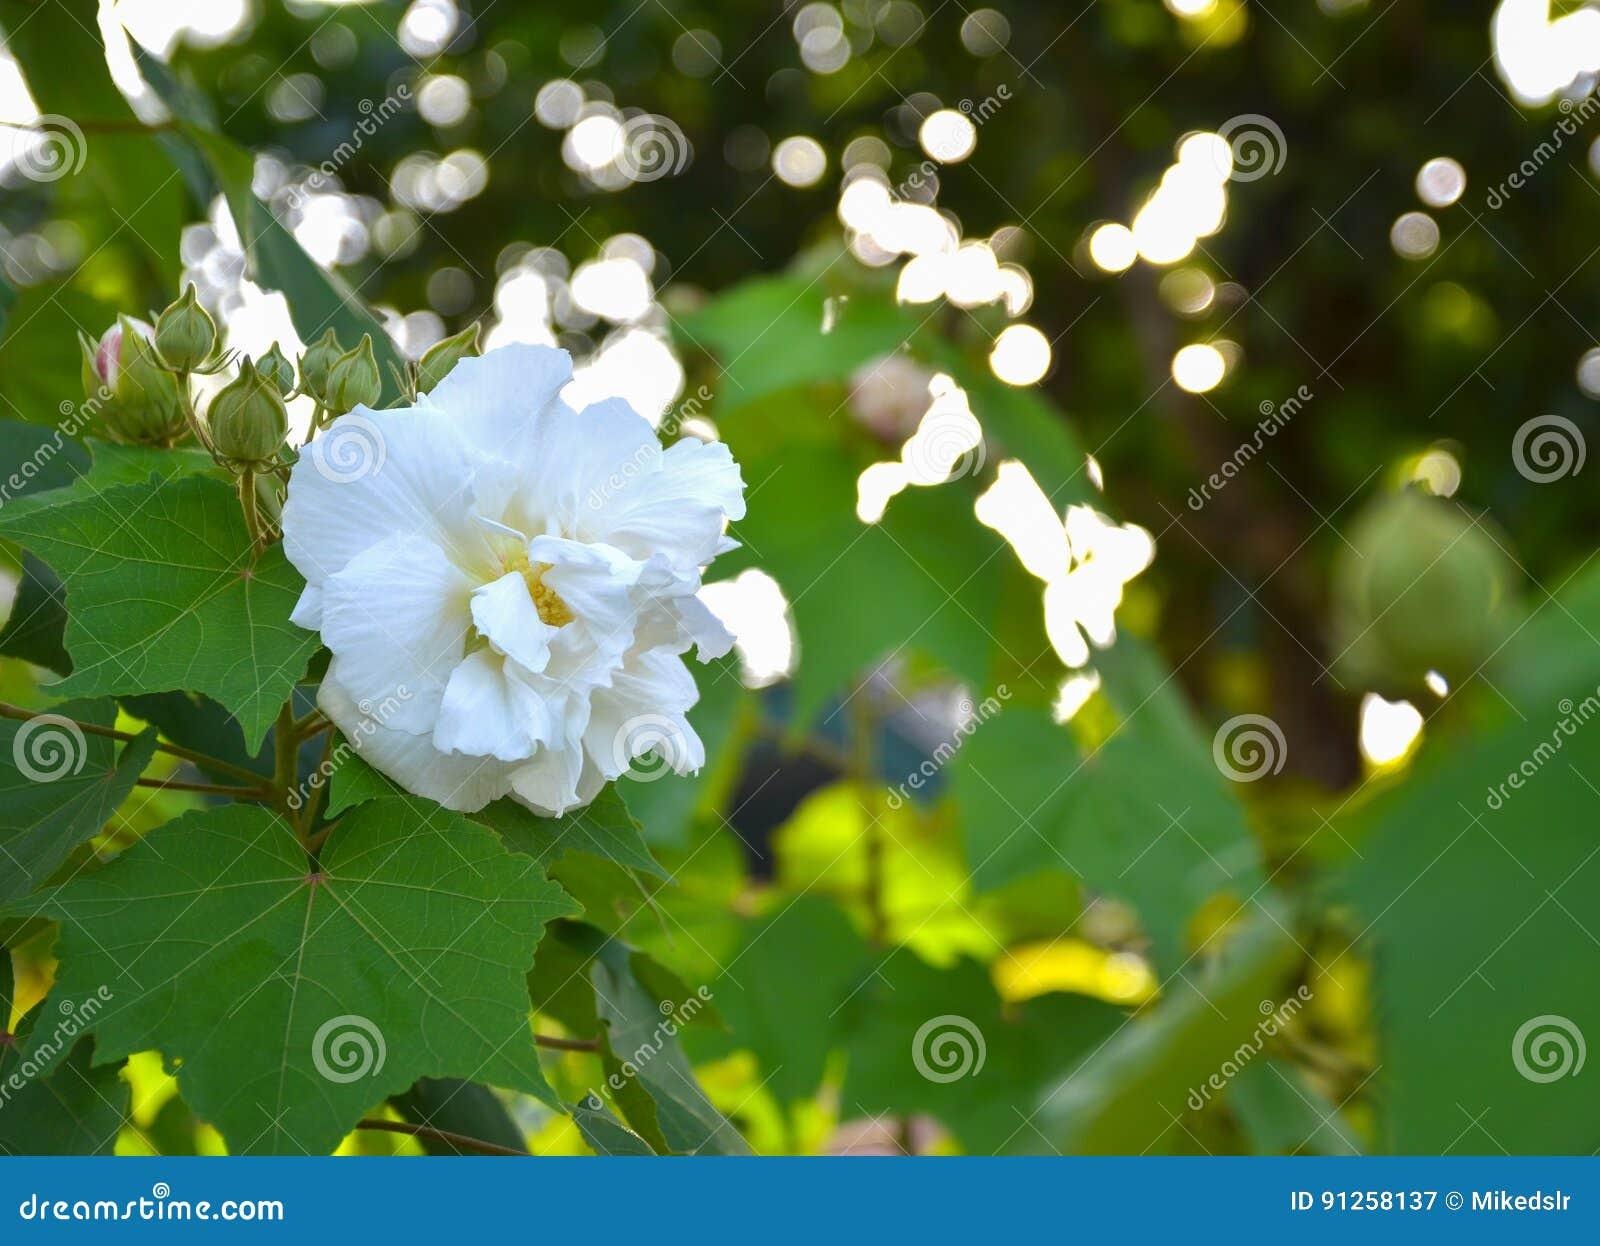 Fiore Bianco Su Sfondo Naturale Verde Immagine Stock Immagine Di